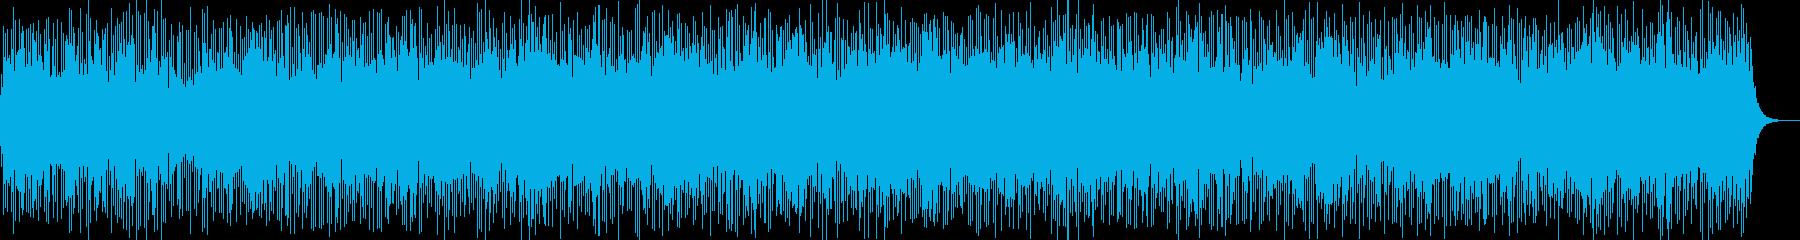 さすらい旅をイメージしたカントリーロックの再生済みの波形